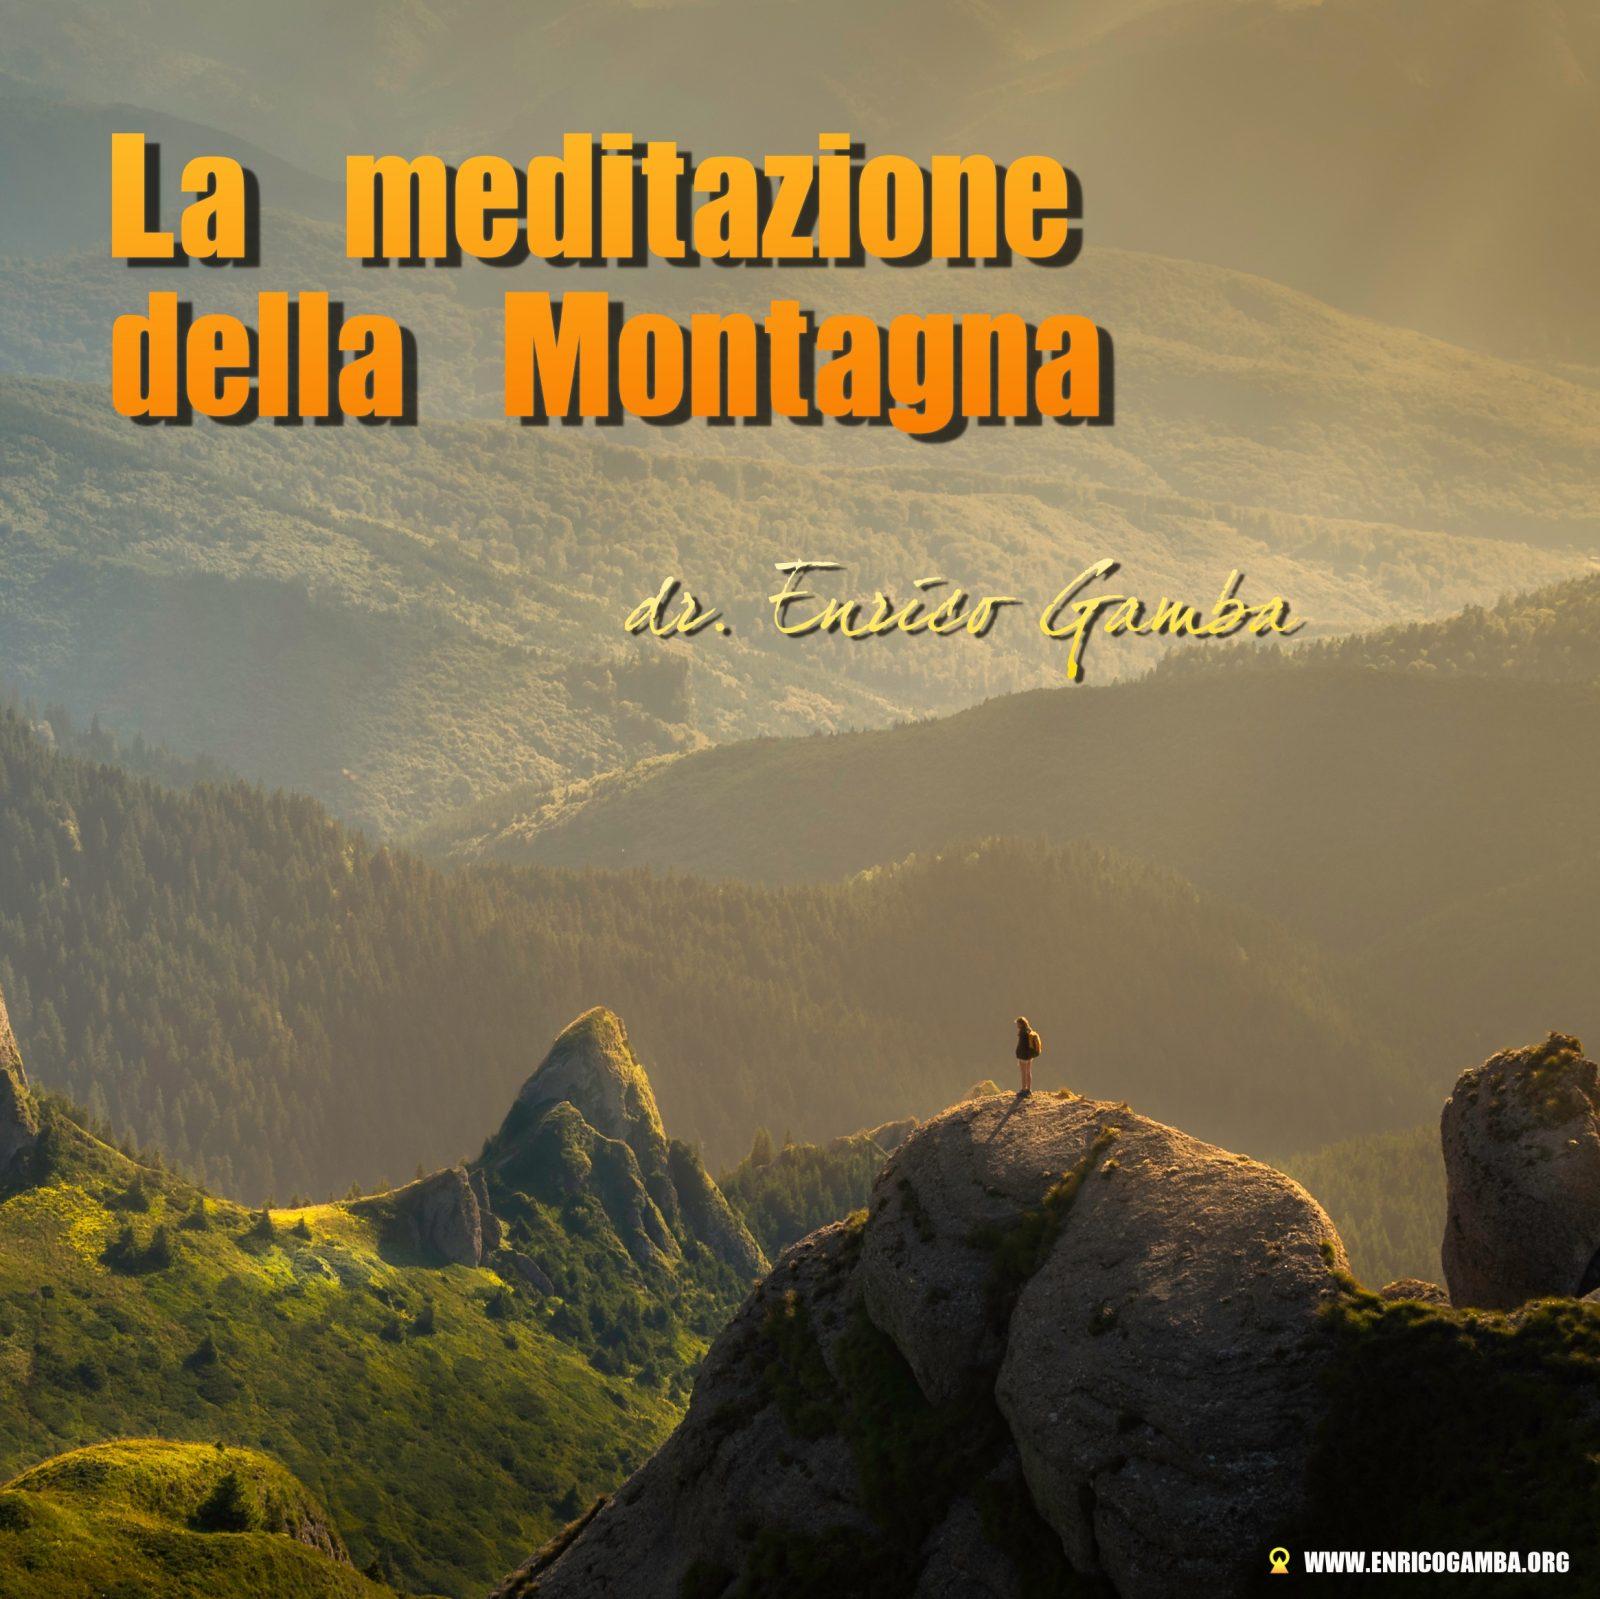 la-meditazione-della-montagna